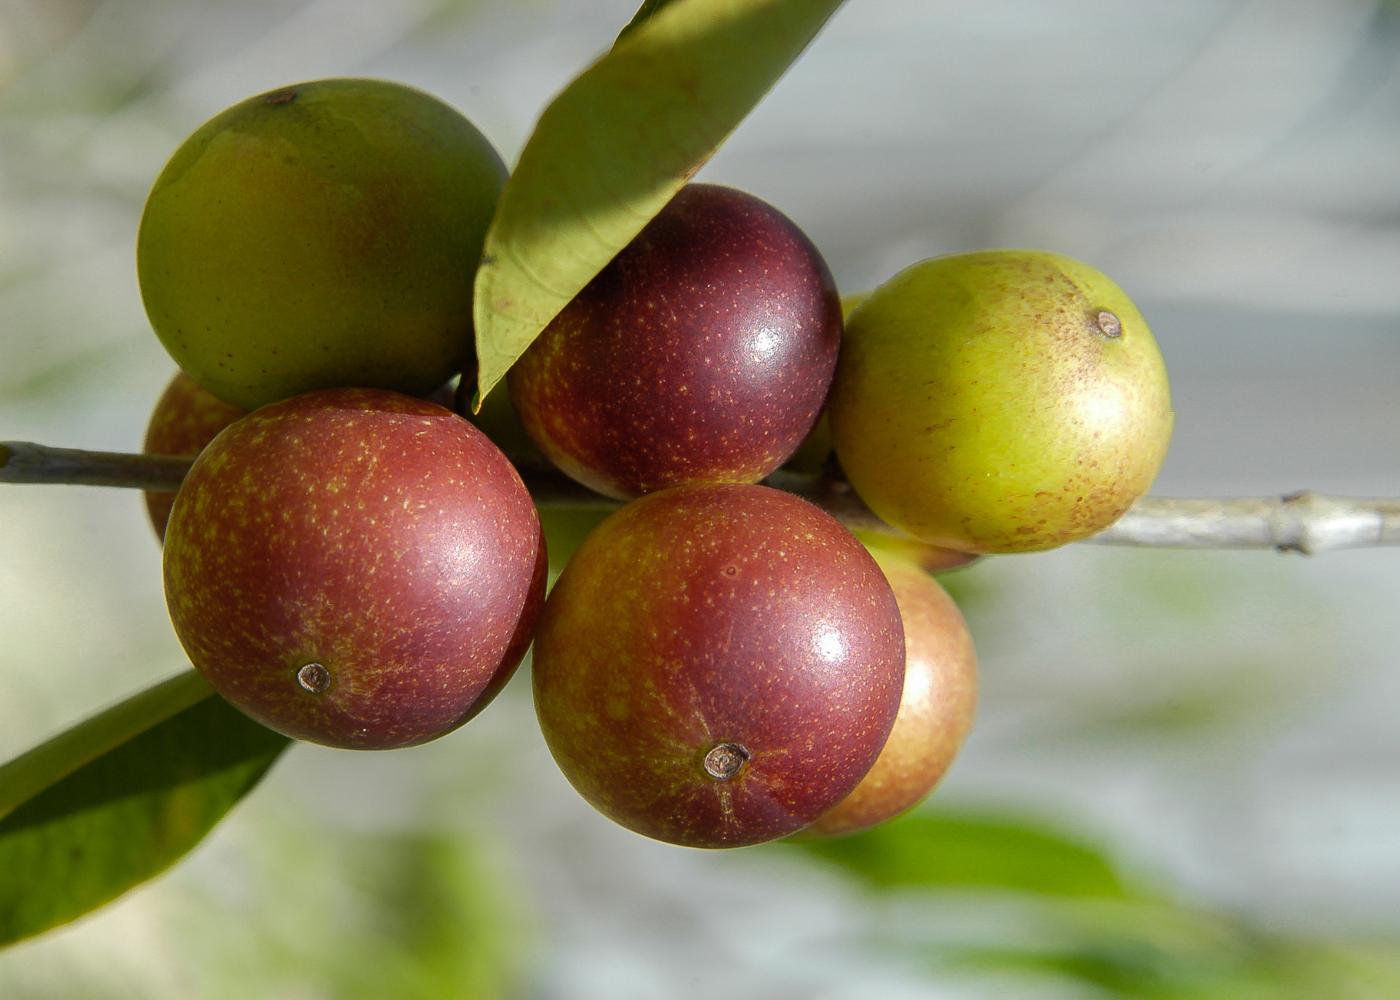 lista de superalimentos fruto camu camu